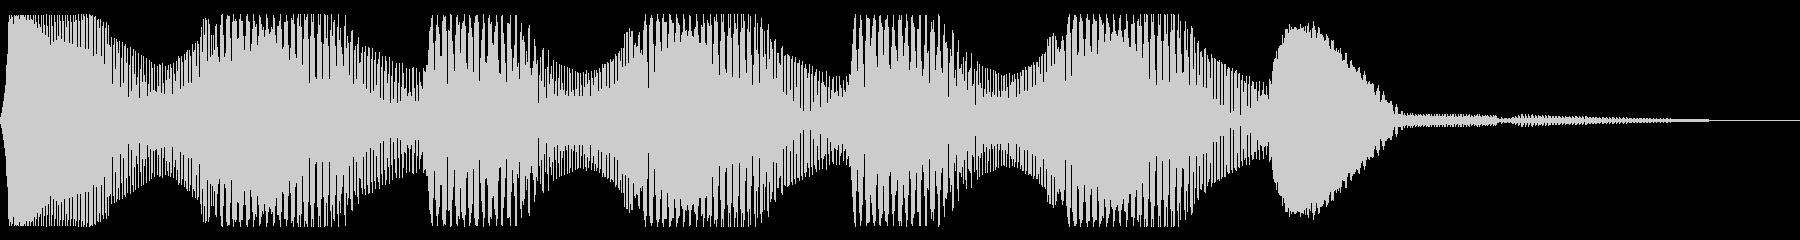 レトロなクイズ正解音 ピンポン3回 合格の未再生の波形